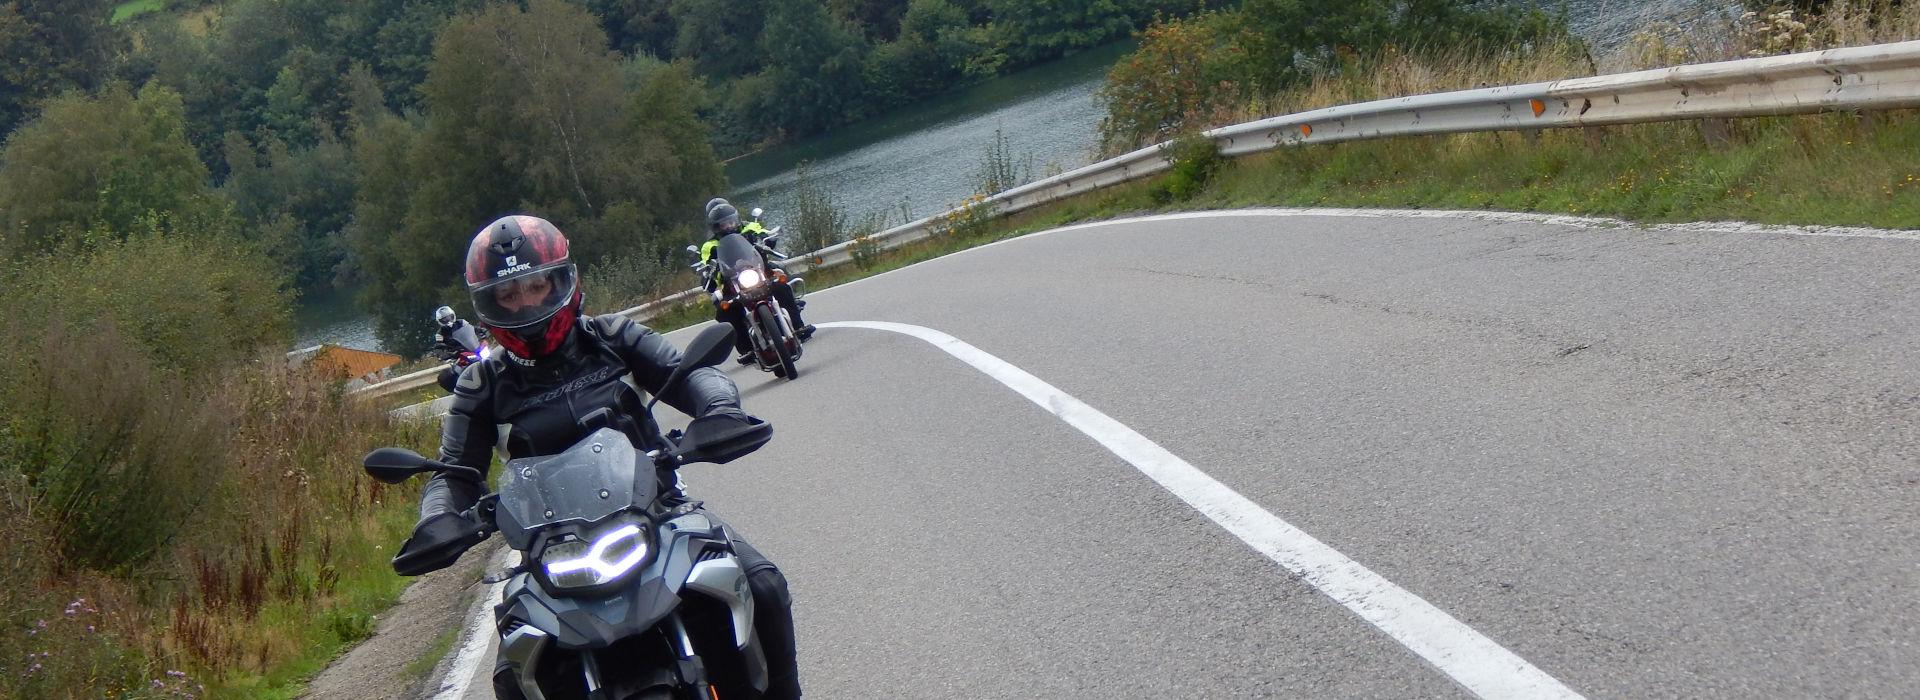 Motorrijbewijspoint Uithoorn spoed motorrijbewijs